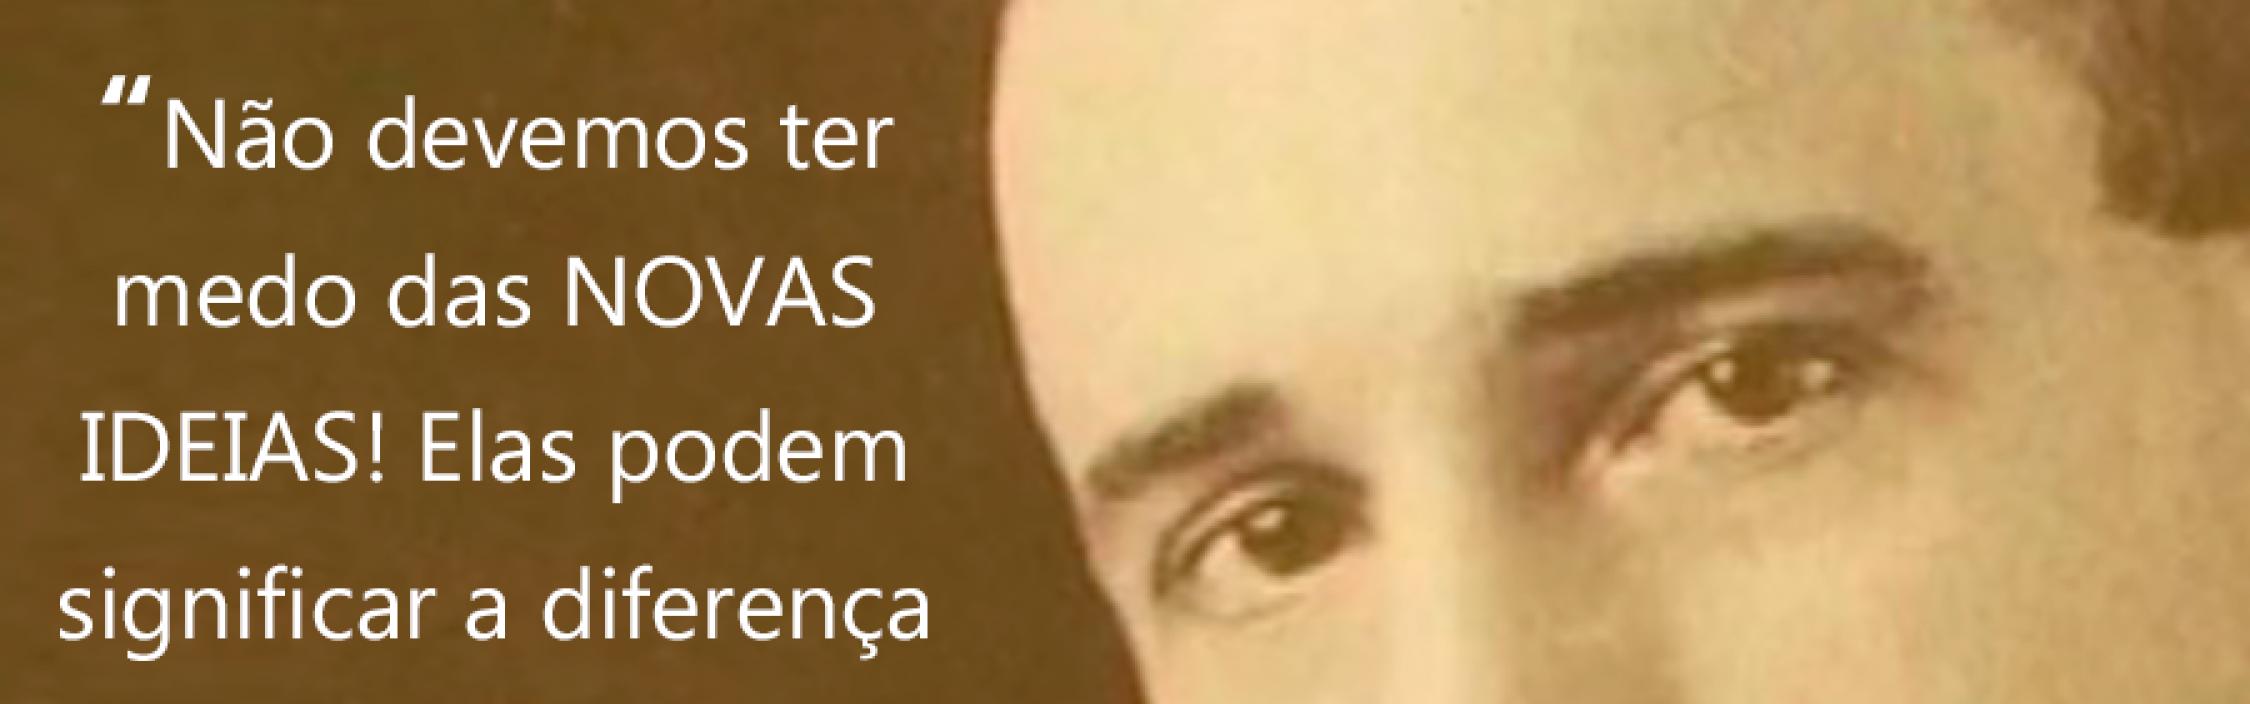 Imagine seu NEGÓCIO um SUCESSO